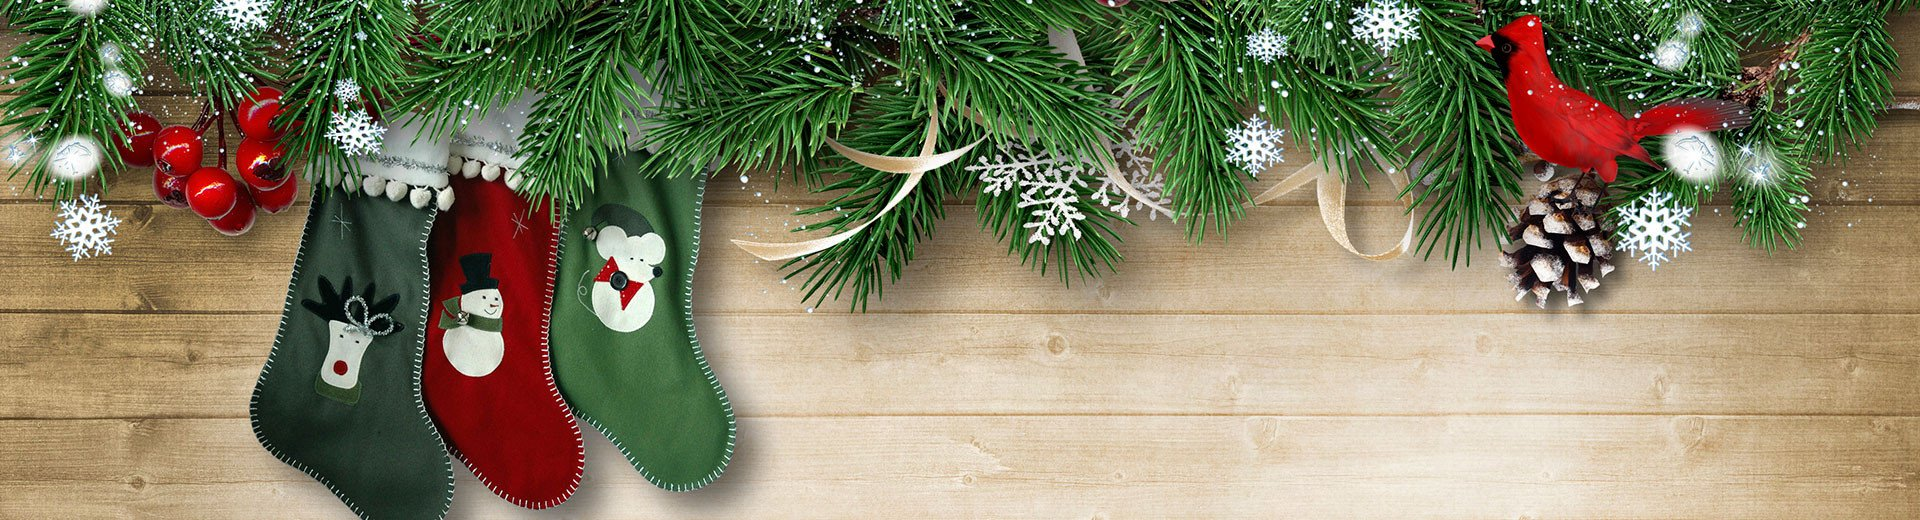 Okładka artykułu Darmowe materiały do świątecznych projektów — Boże Narodzenie 2015